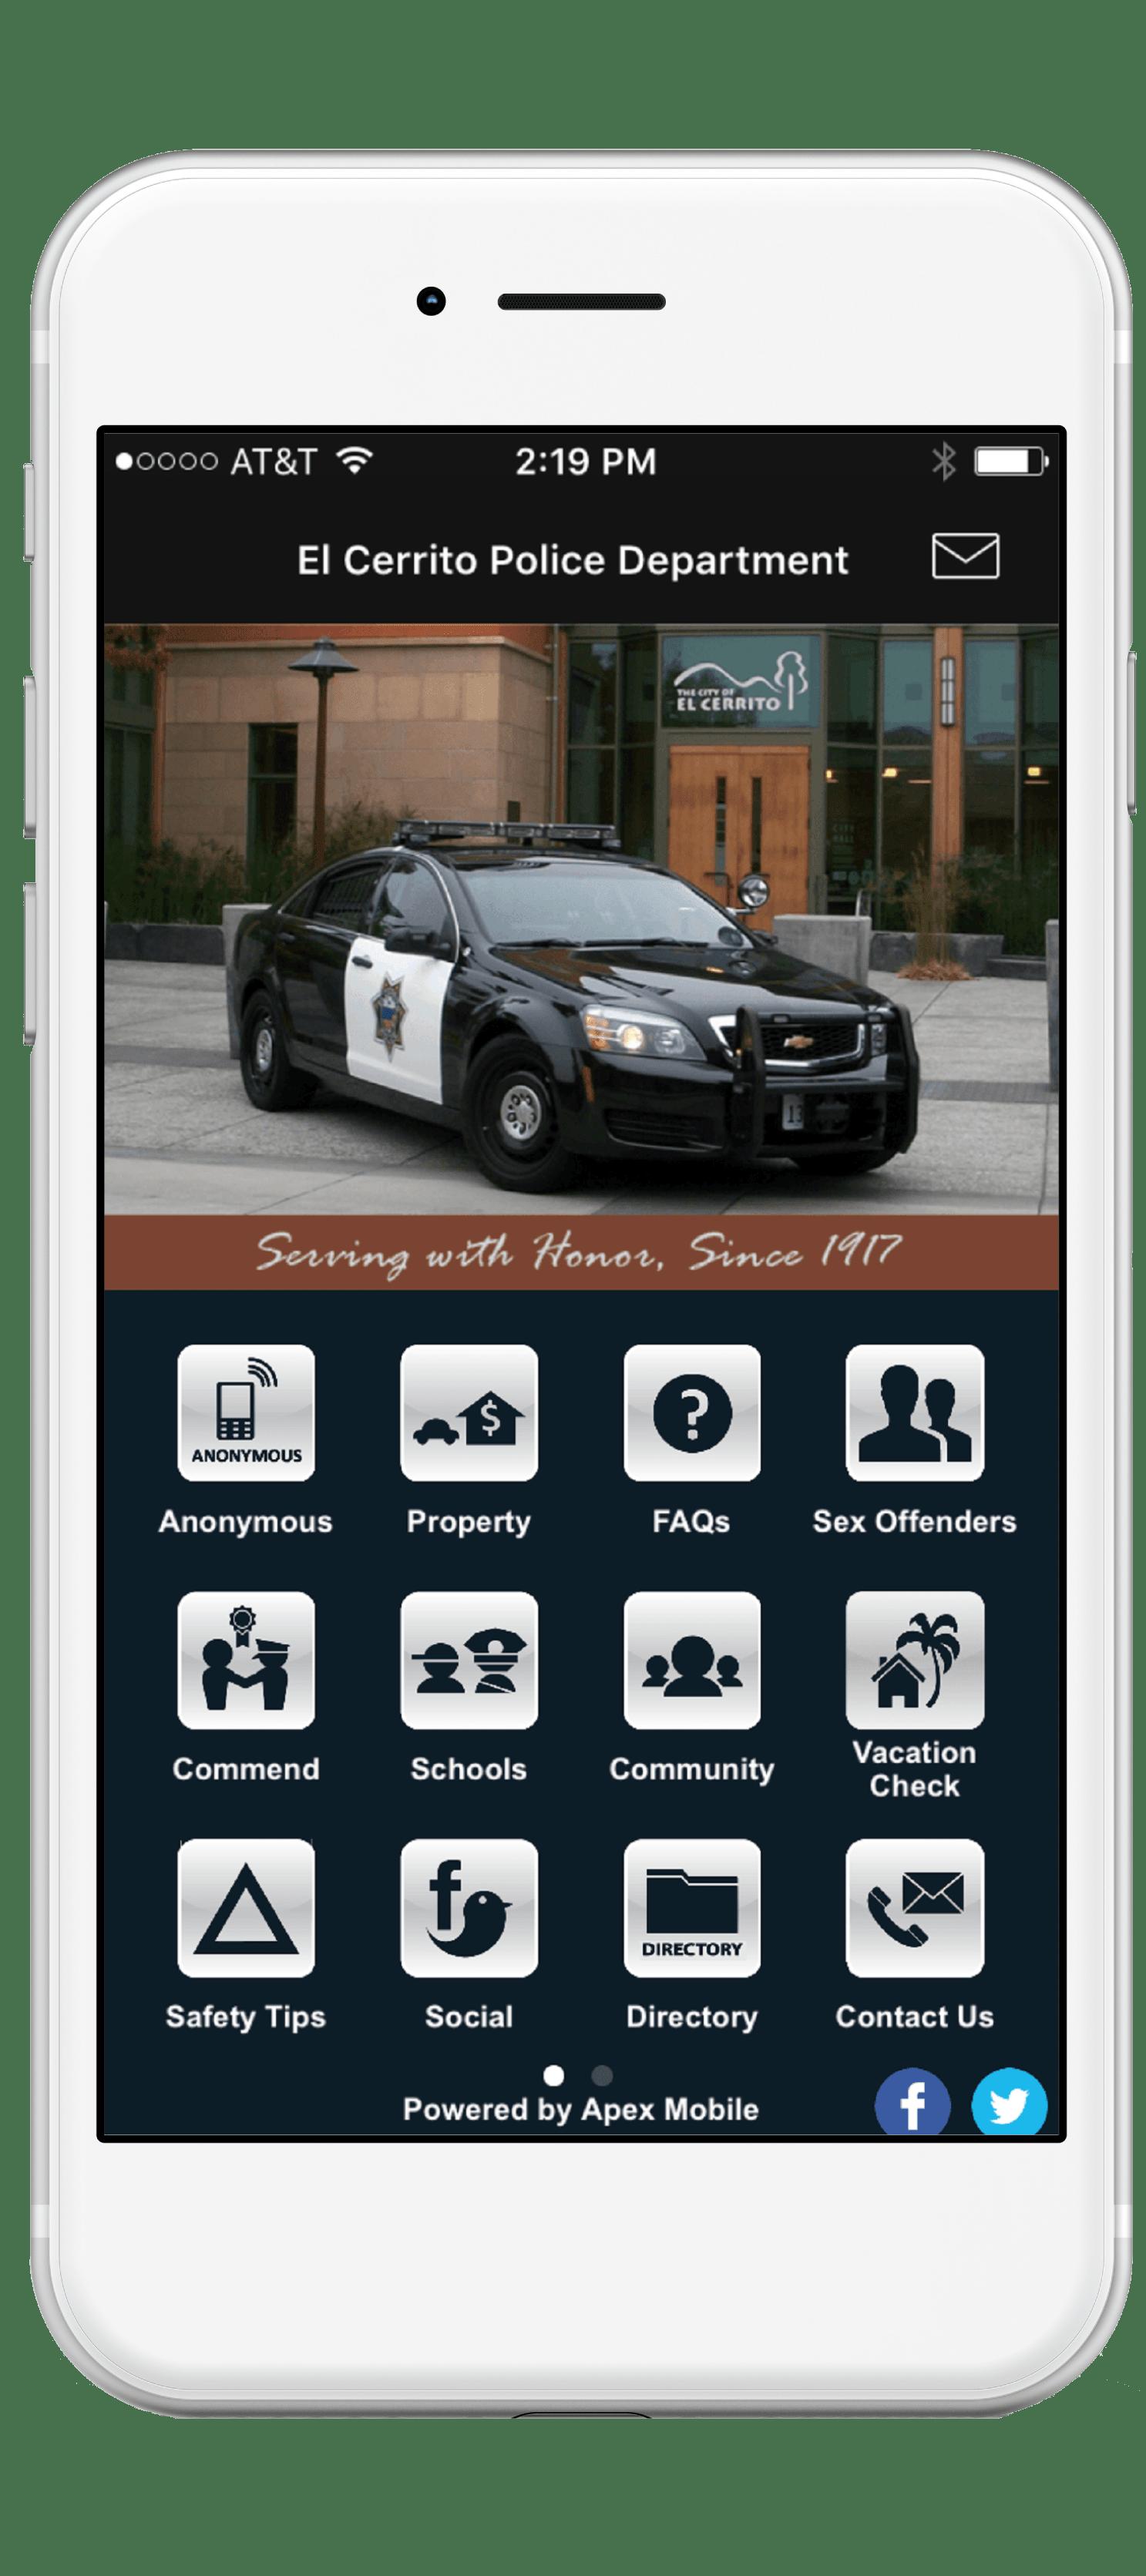 El Cerrito police departmetn mobile app screenshot-min